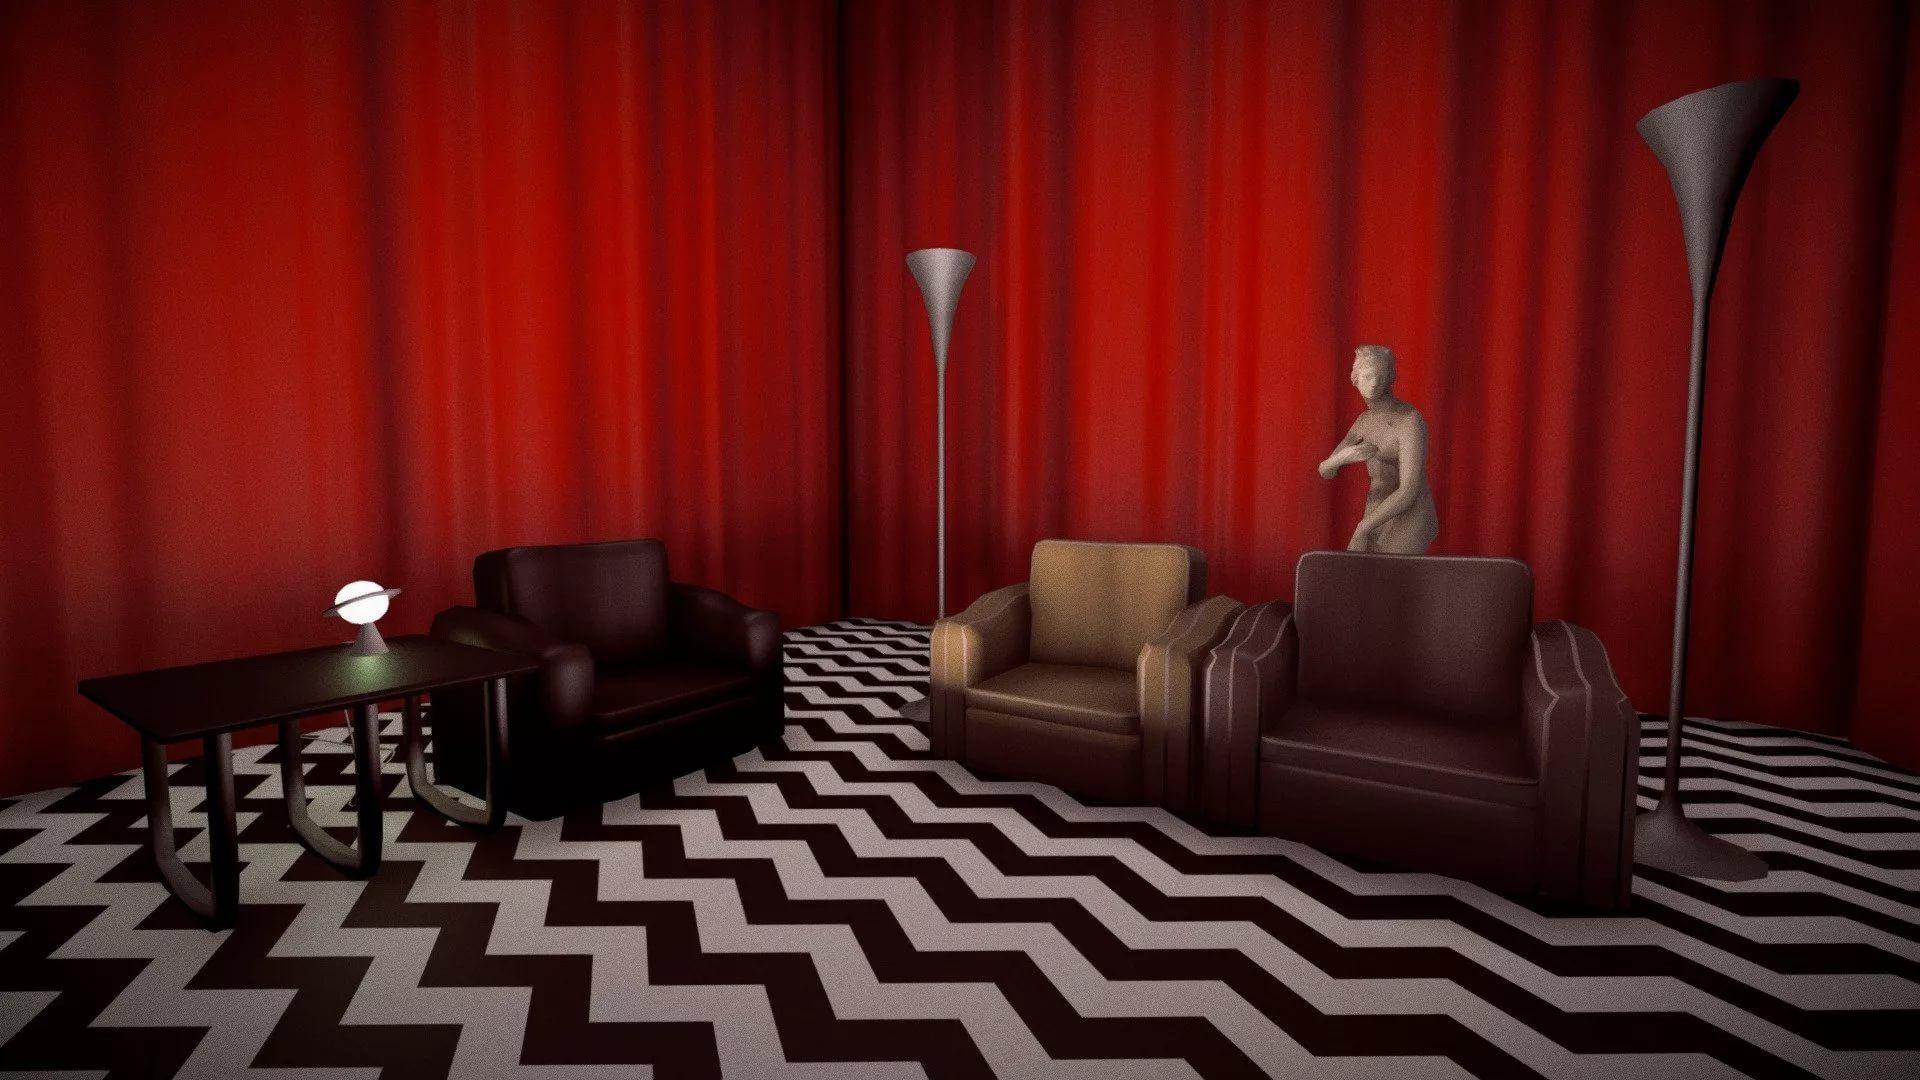 Twin Peaks background wallpaper